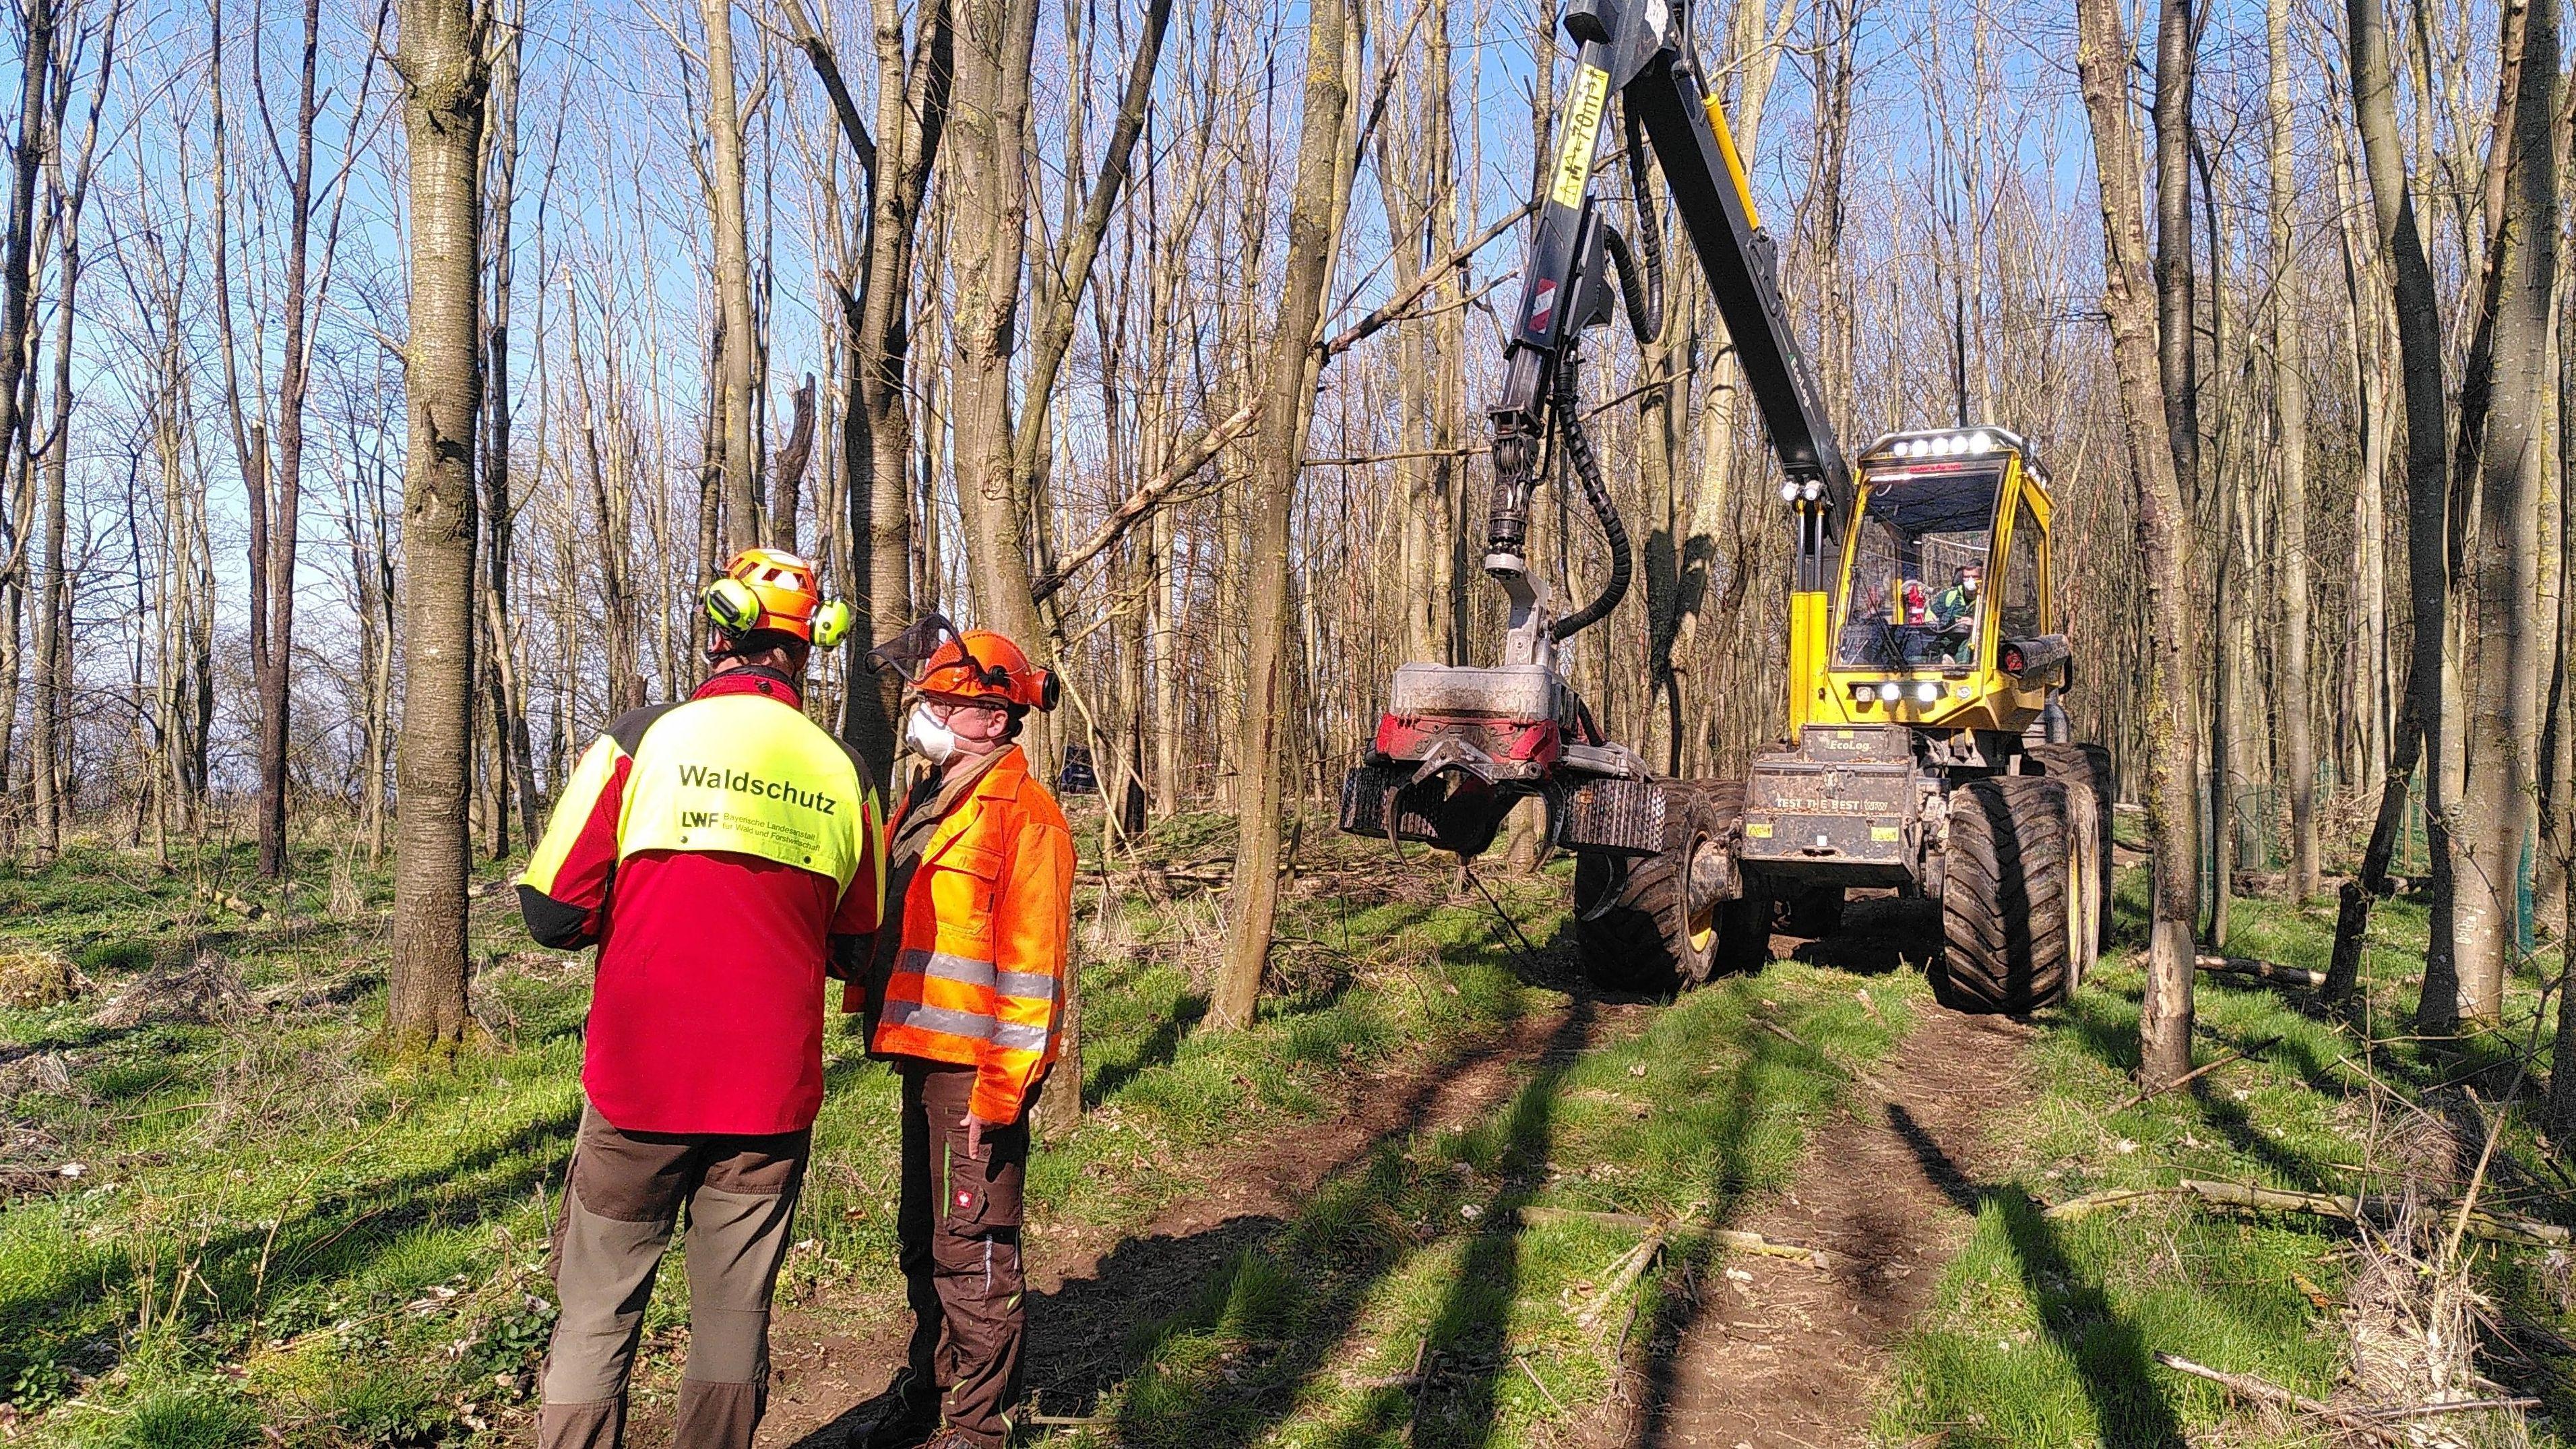 Forscher untersuchen die Rußrindenkrankheit bei Bäumen in Rottendorf im Landkreis Würzburg